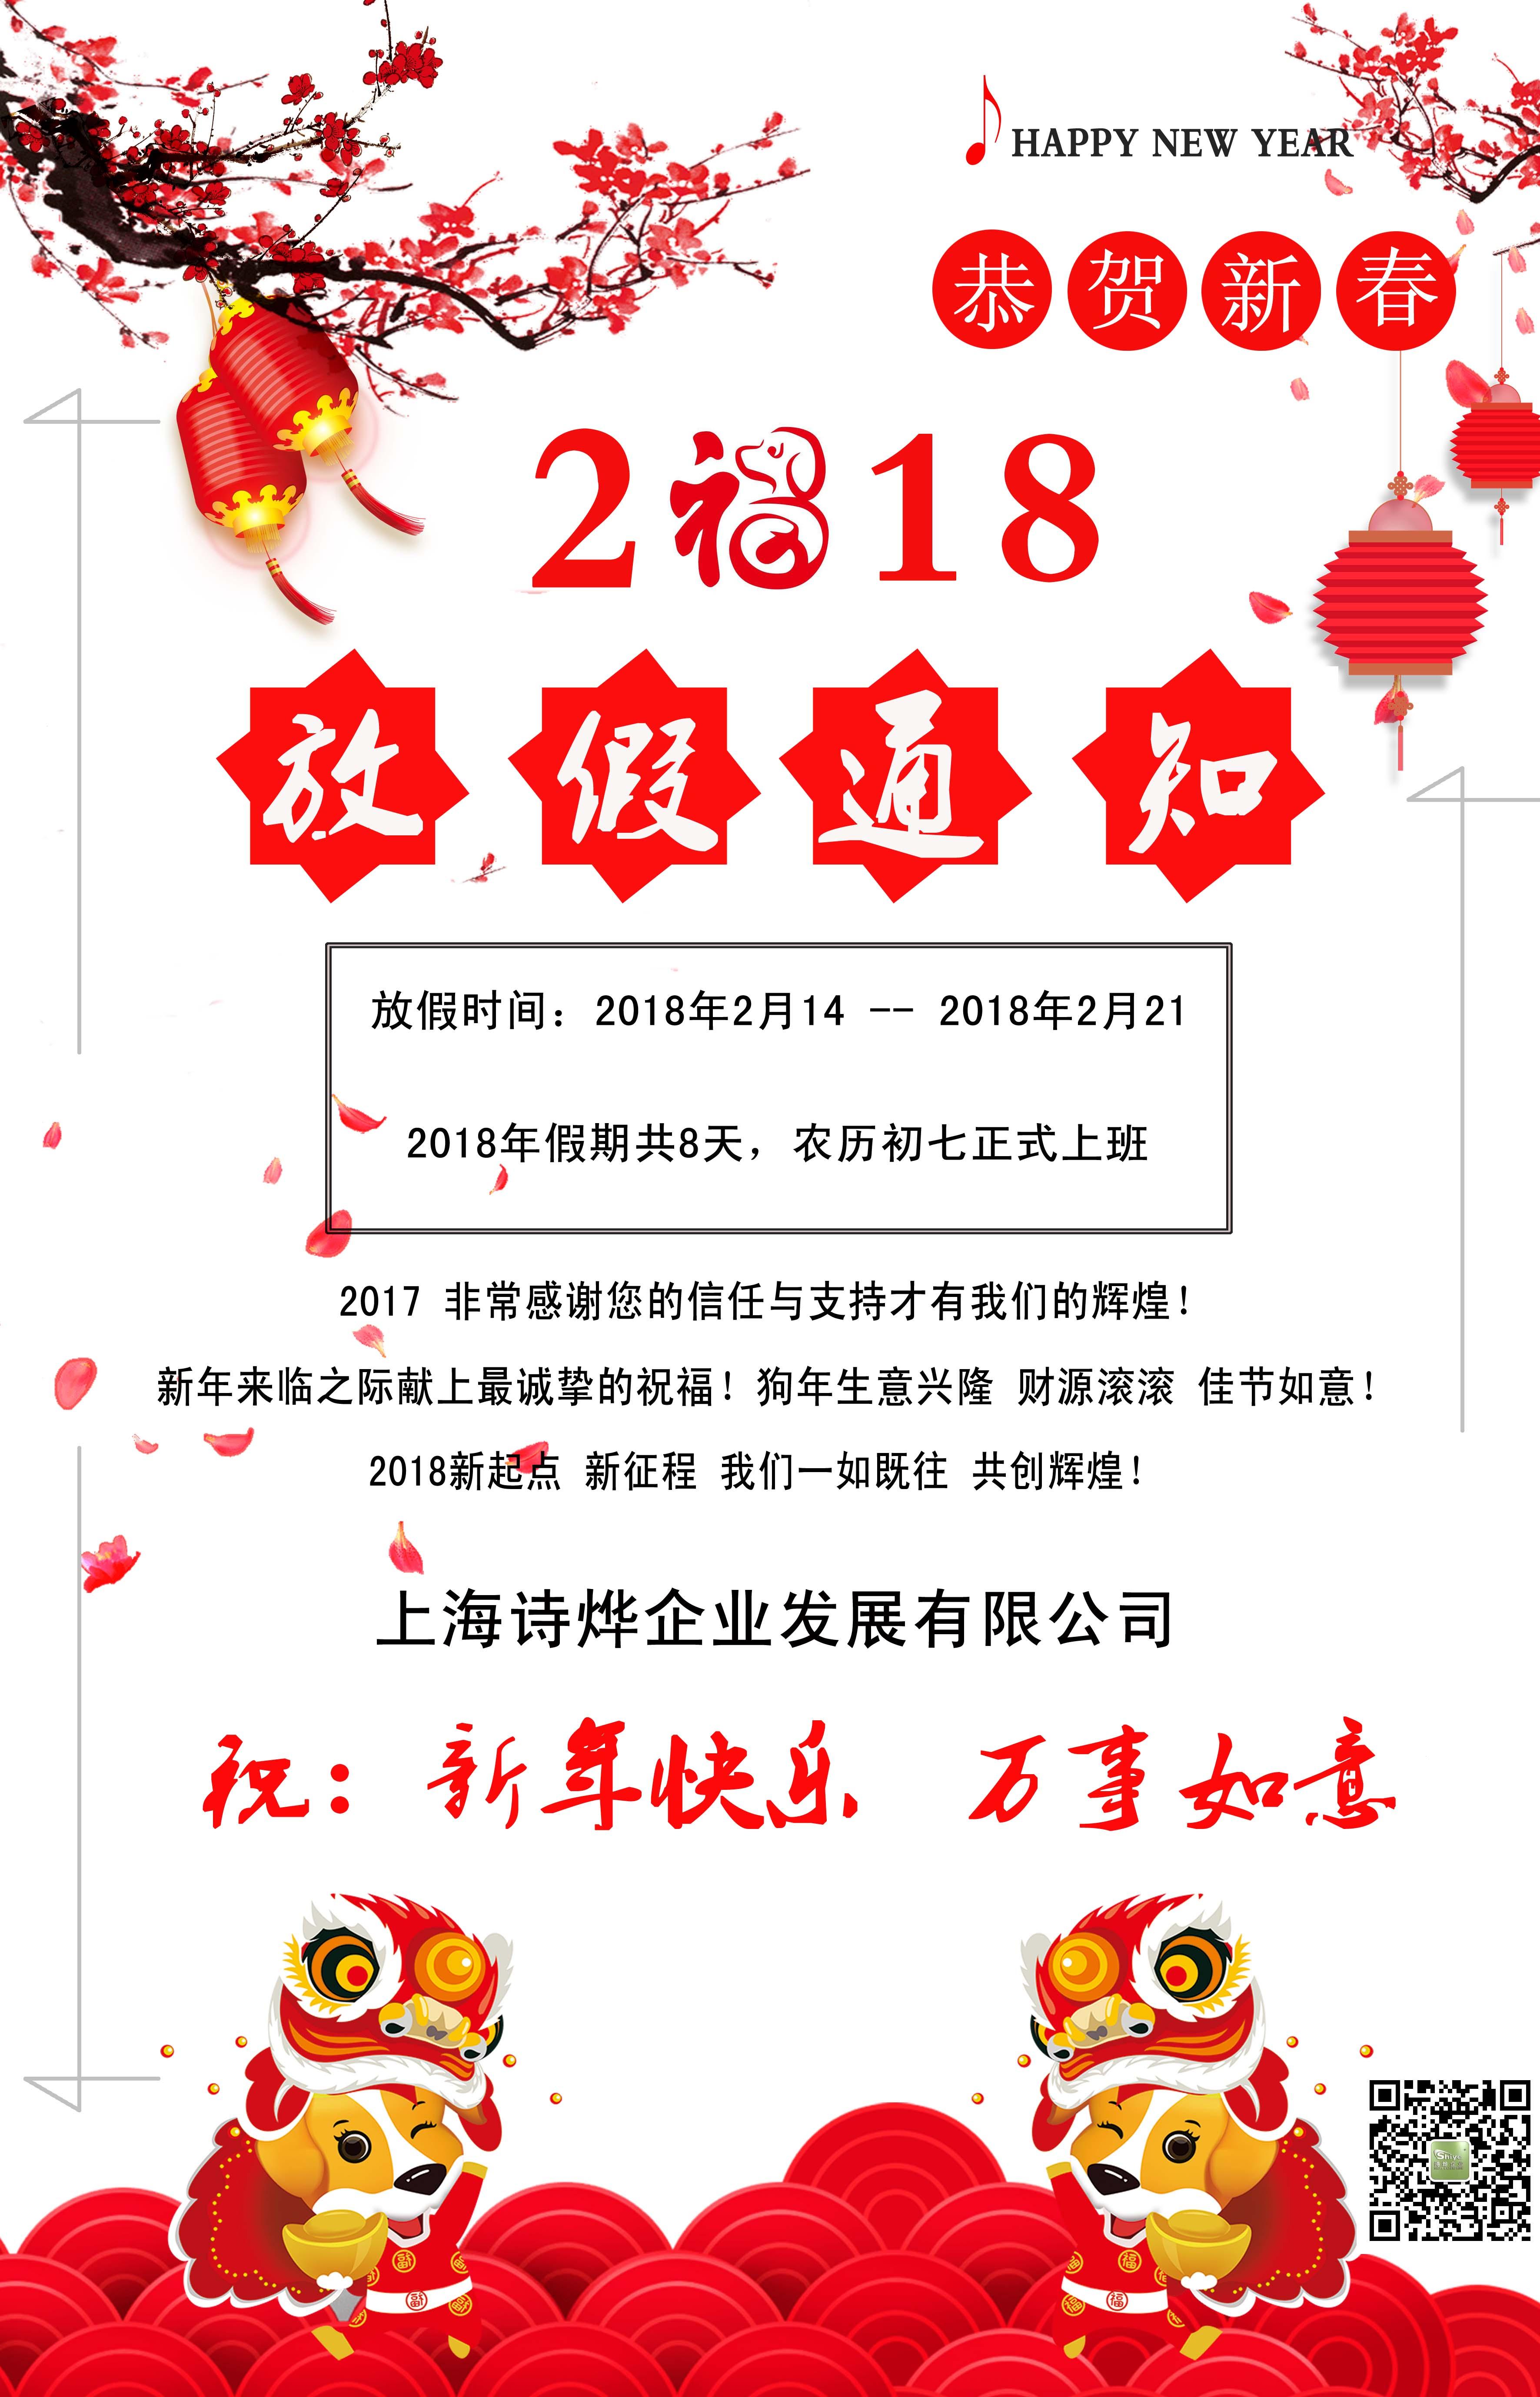 上海诗烨企业2018春节放假通知